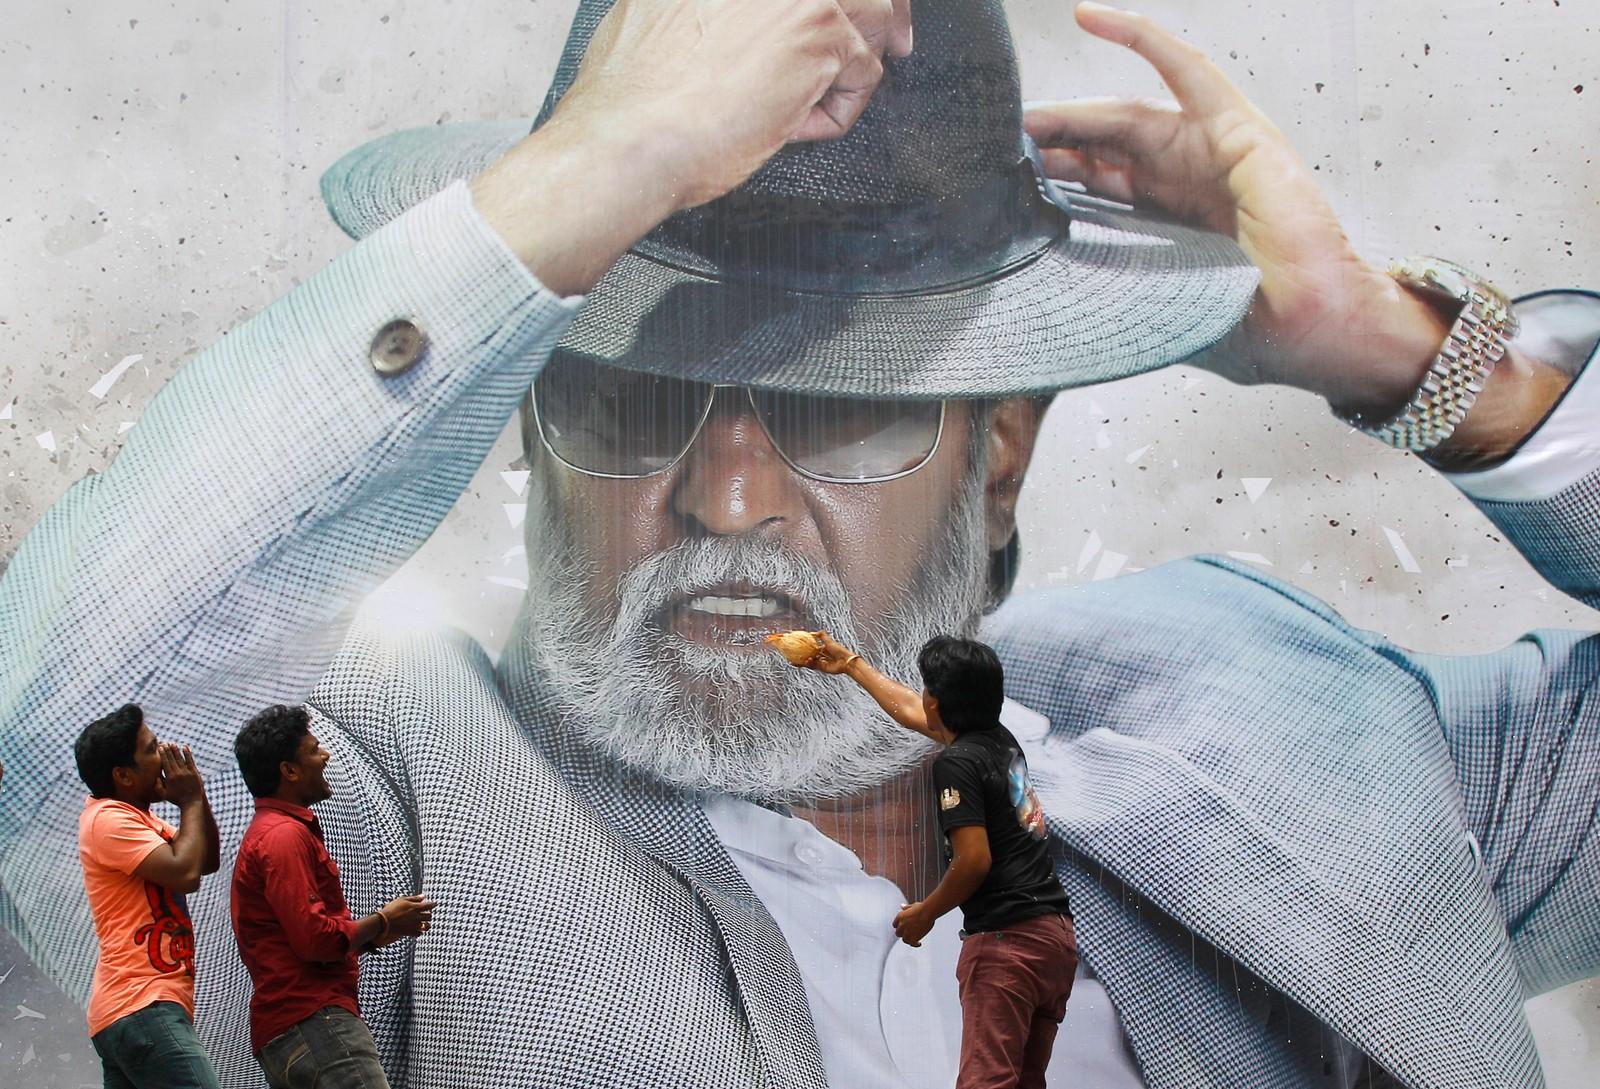 """Tilhengere av den indiske superstjernen Rajinikanth hyller skuespilleren foran en plakat utenfor en kino i Chennai i India den 22. juli. Under visningen av filmen """"Kabali"""" skal publikum i Malyasia og India ha hoppet i setene og danset på gulvet mens helten bekjempet fiender i gangsterfilmen."""